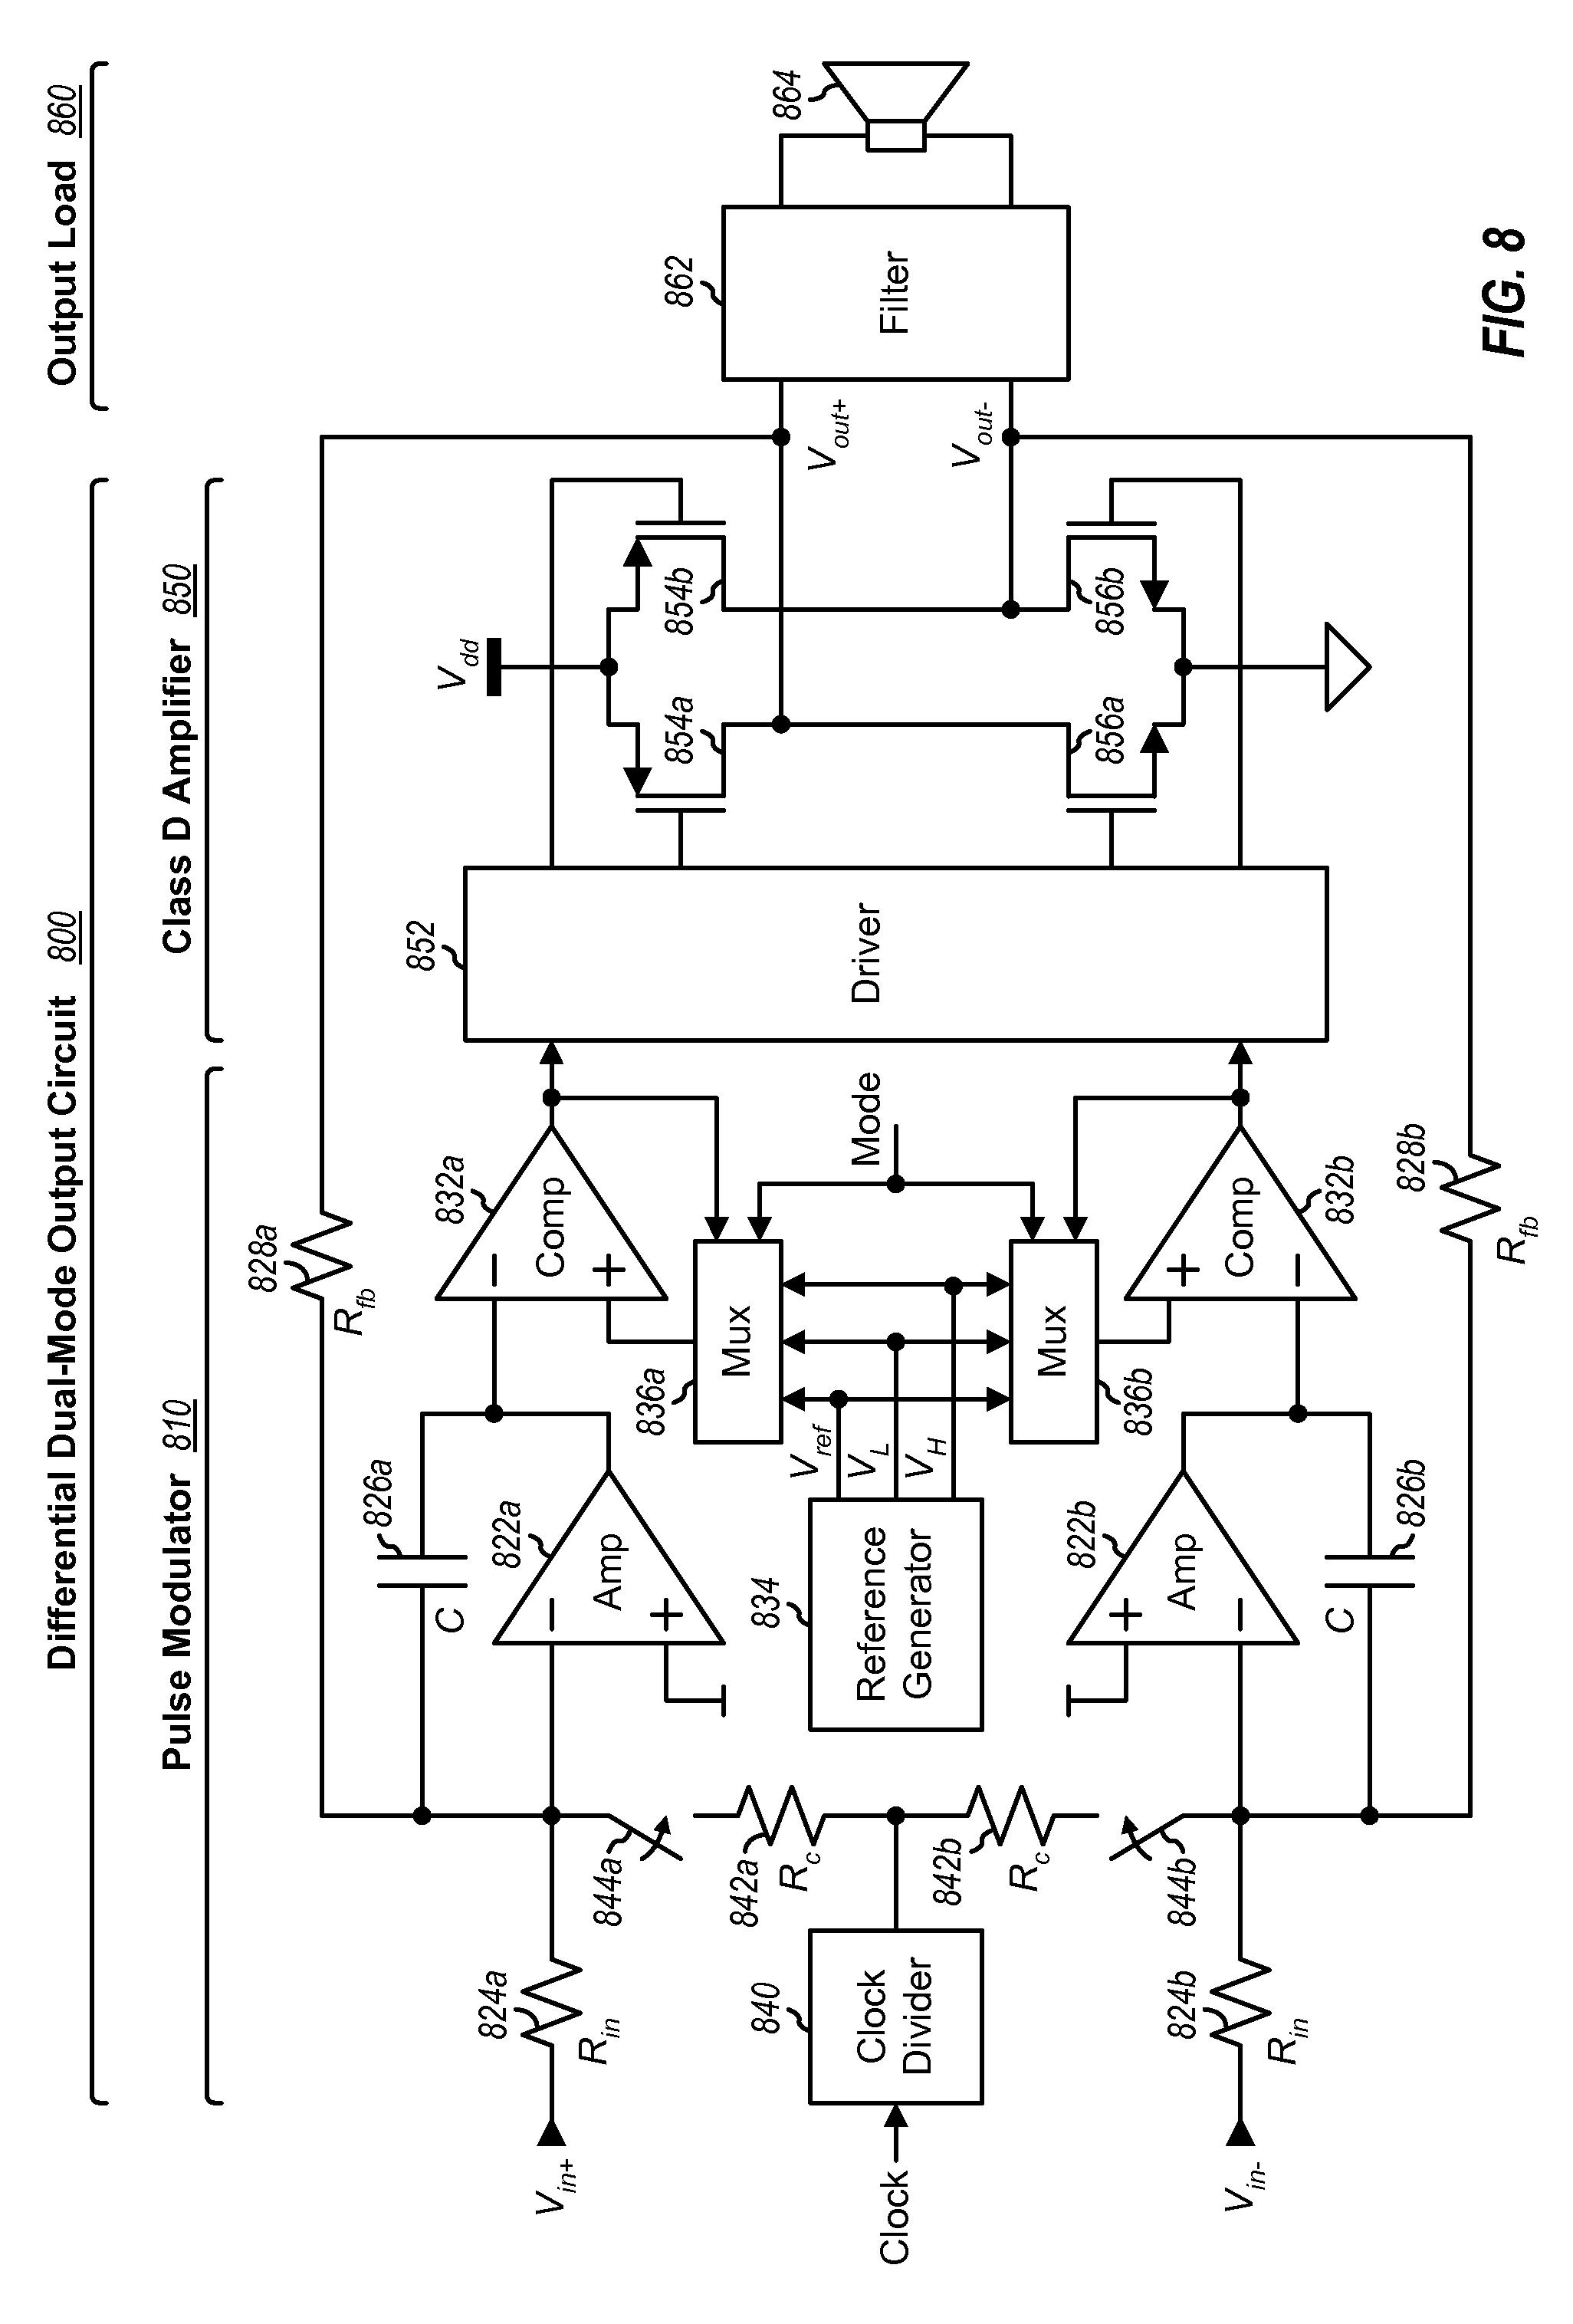 patent us8022756